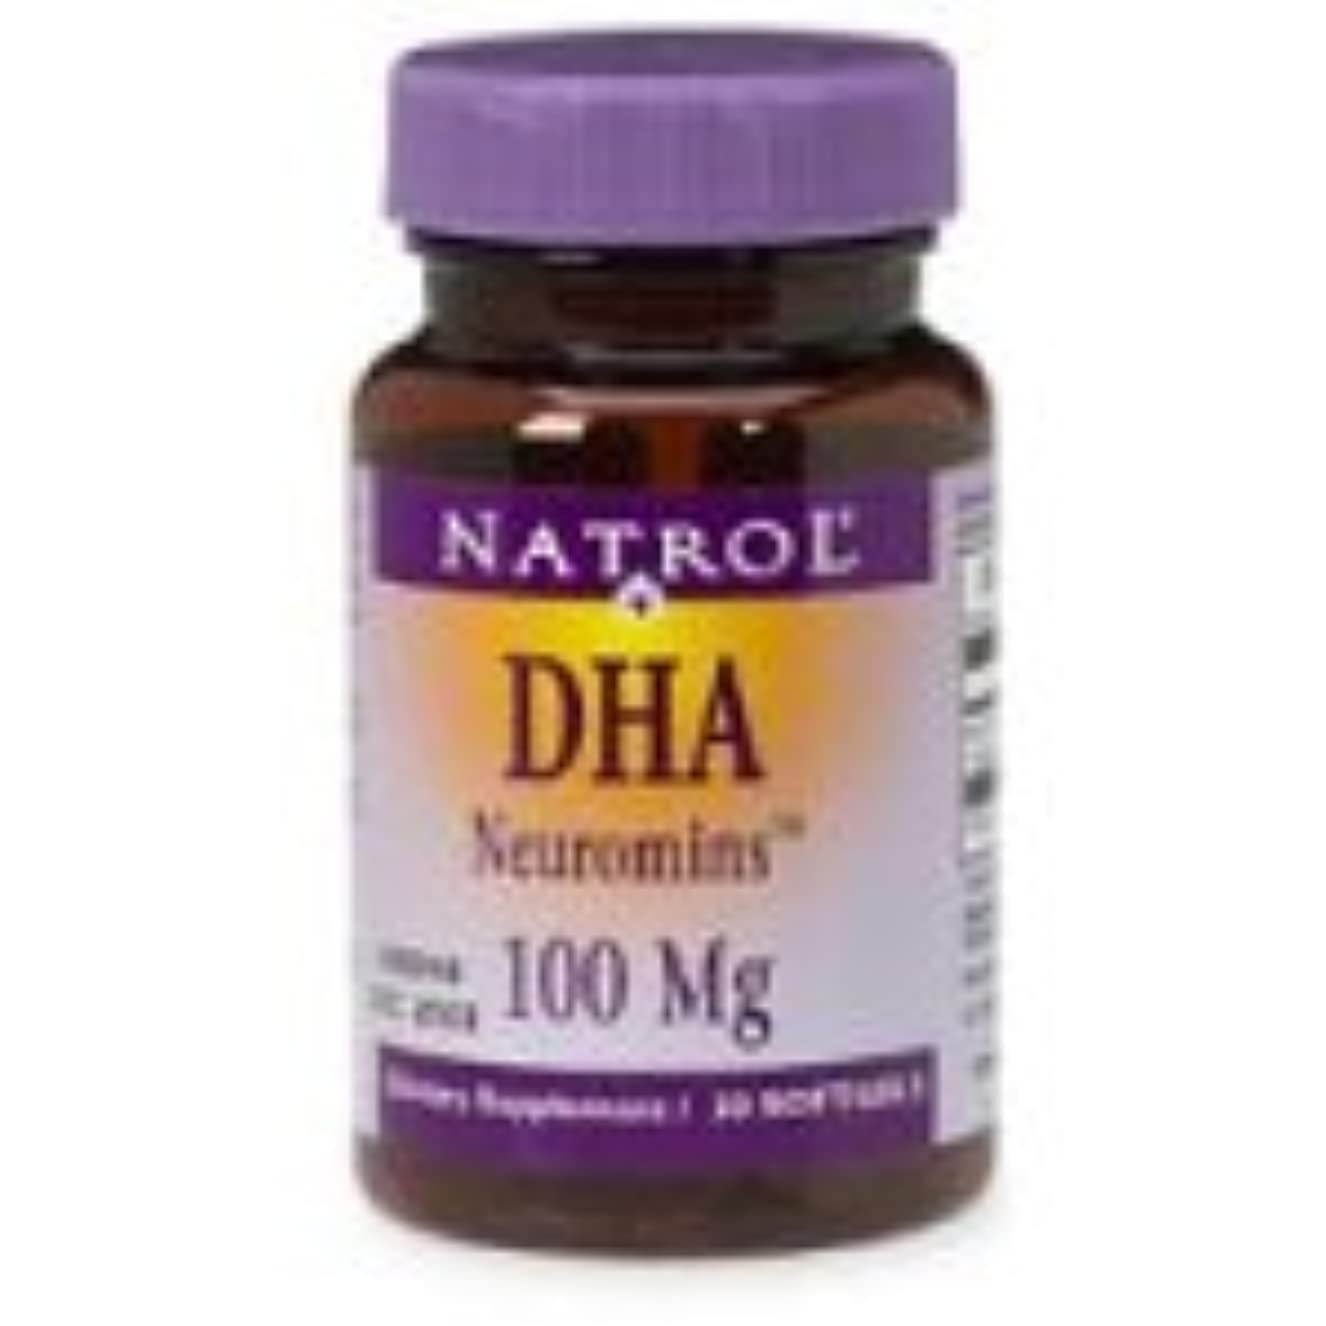 クラフト心理的教海外直送品 Natrol (incl Laci Le Beau Teas) DHA, 30 Sftgls 100 MG